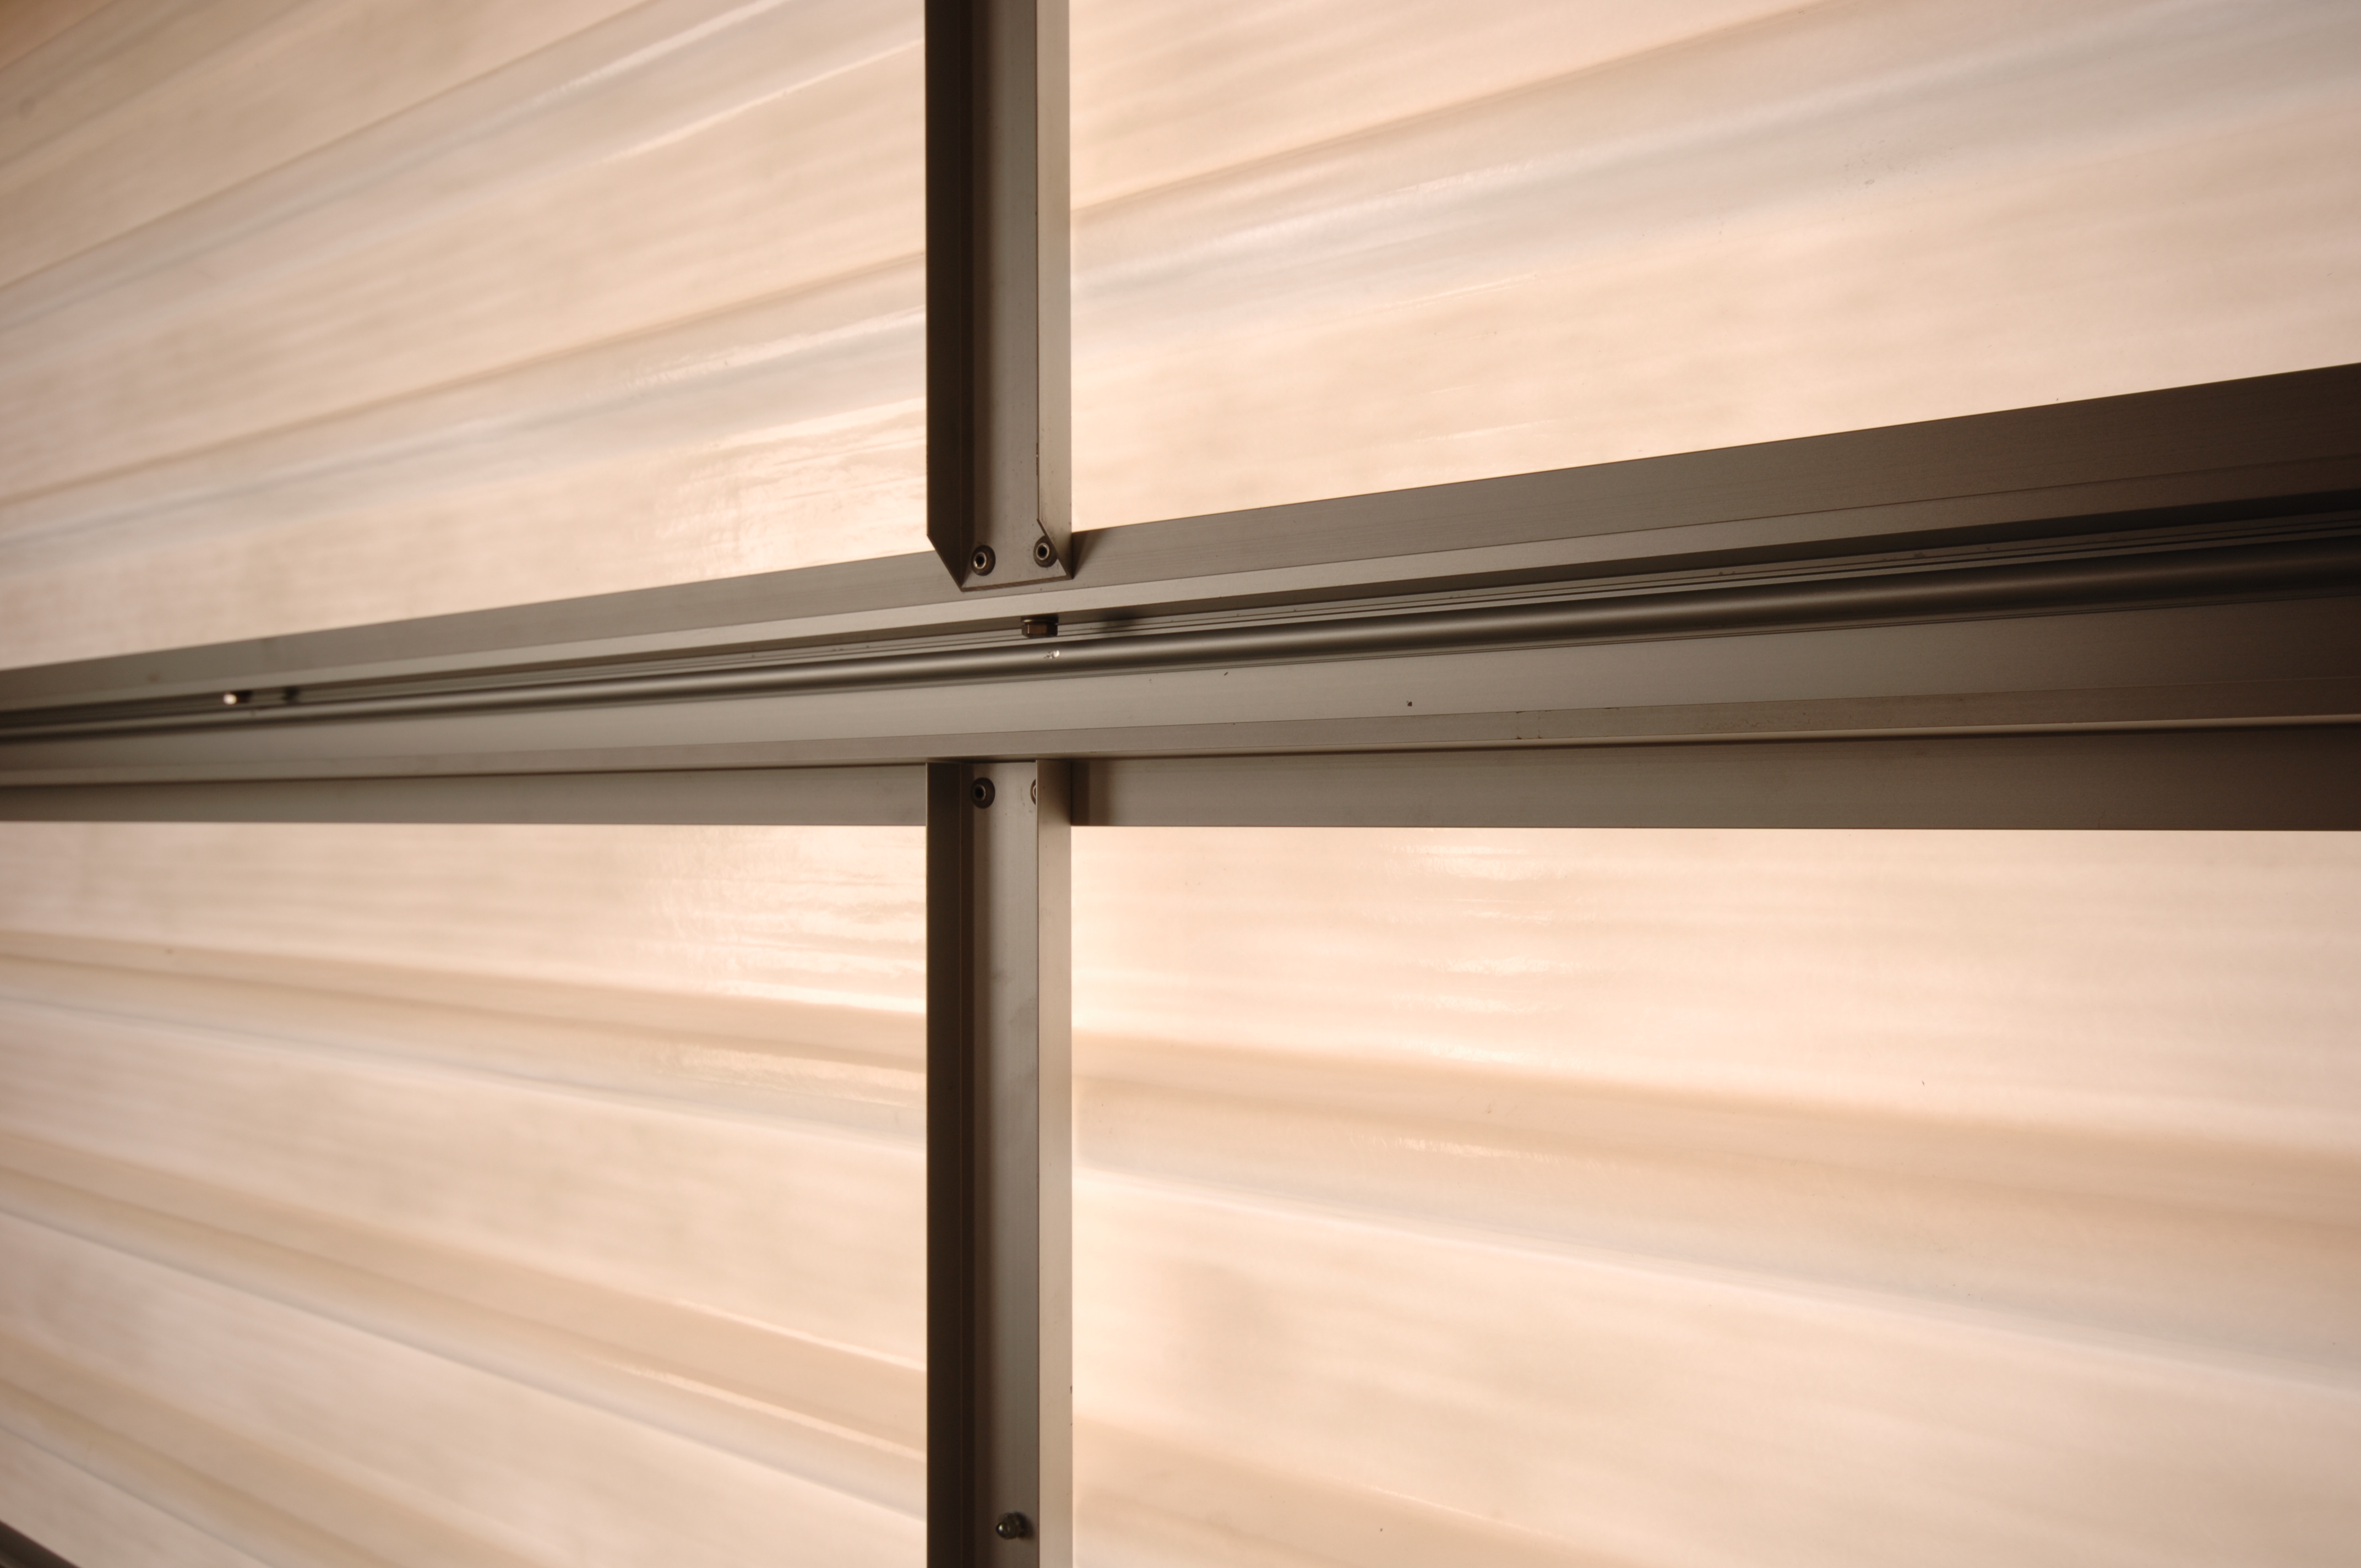 A close up inside view of a Filuma Garage Door